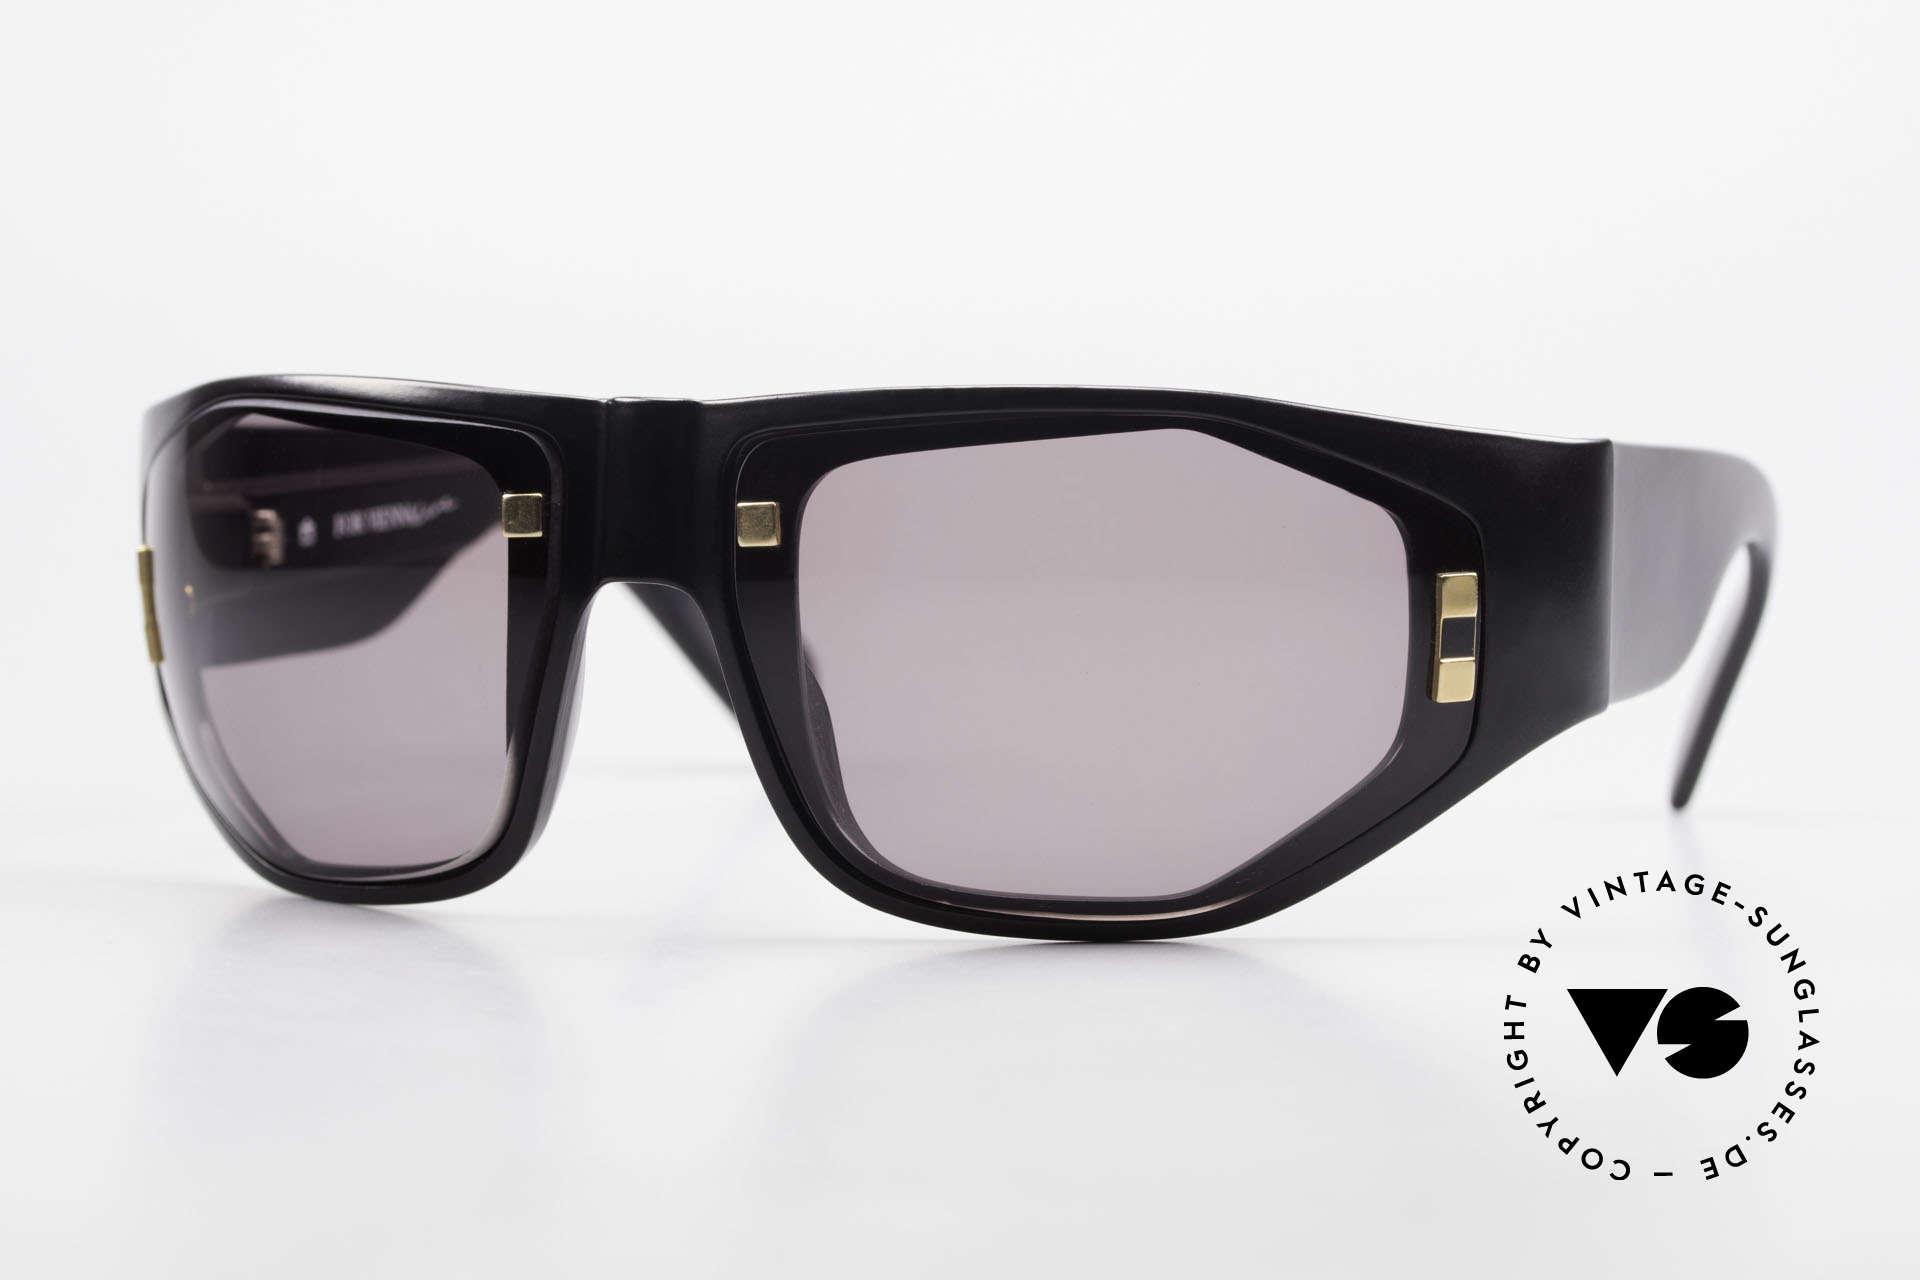 Paloma Picasso 3701 90er Damen Wrap Sonnenbrille, Damen Designer-Sonnenbrille von Paloma Picasso, Passend für Damen